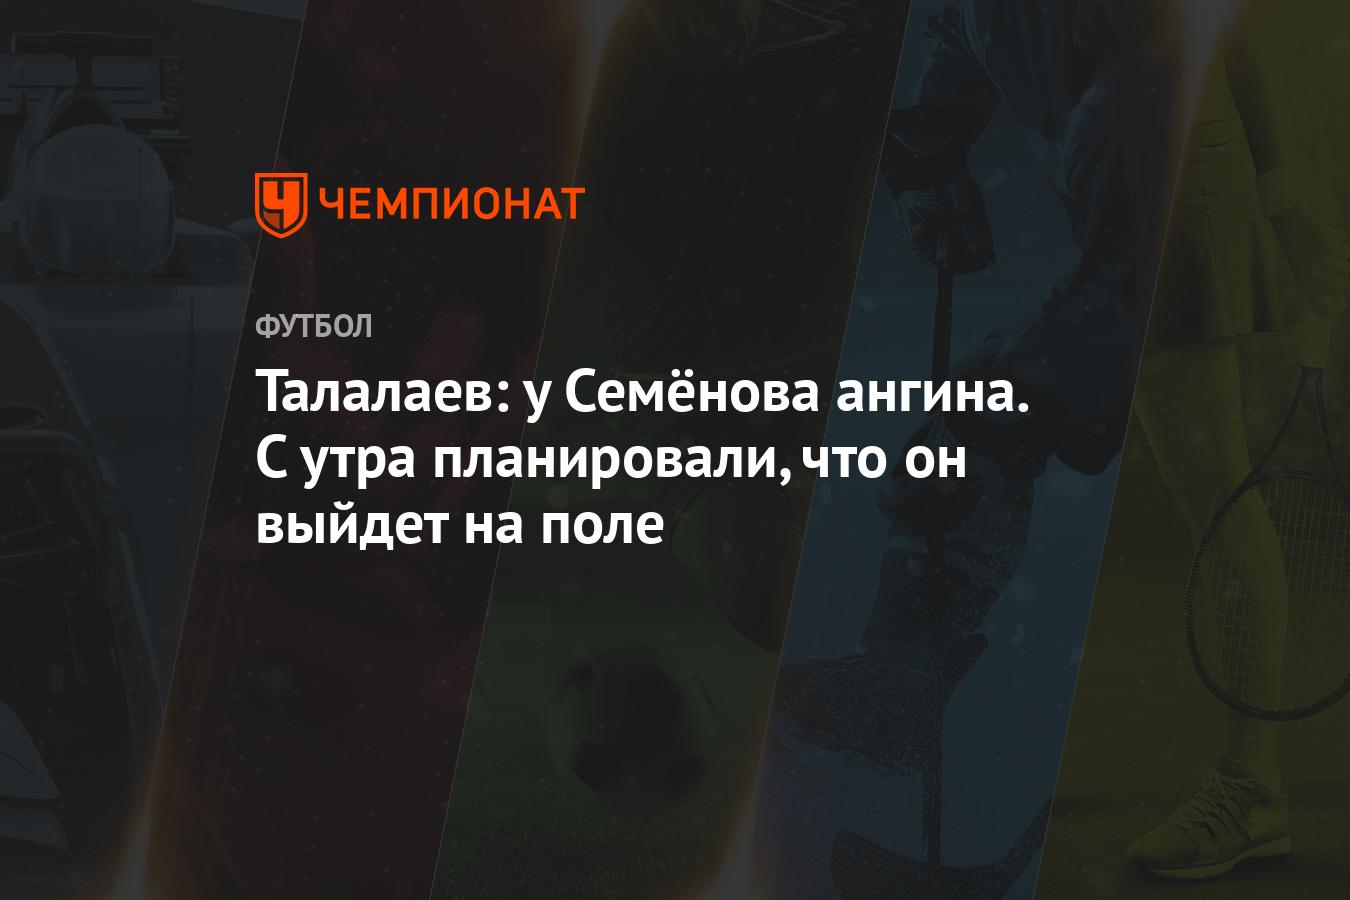 Талалаев: у Семёнова ангина. С утра планировали, что он выйдет на поле